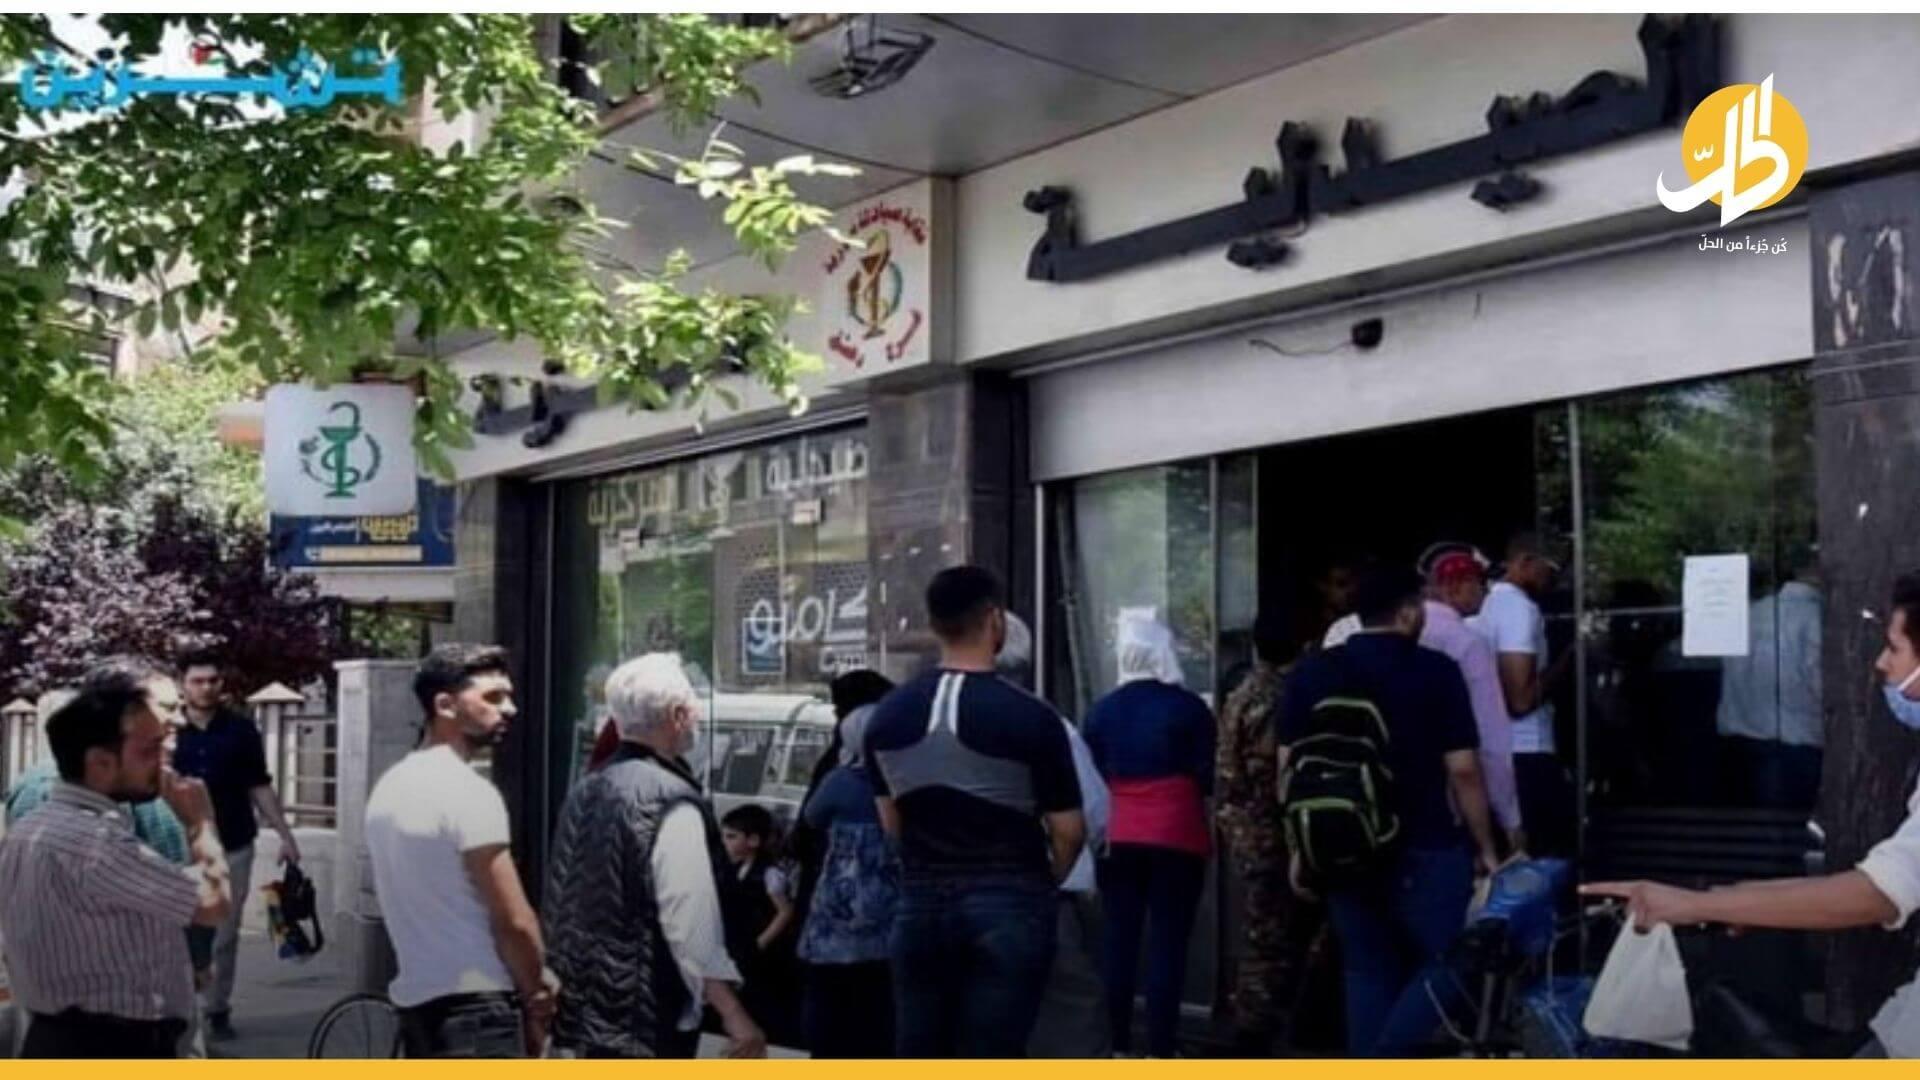 بعد انعدام الأمن الغذائي: صحة السوريين في خطر وإضراب معامل الأدوية ينذر بكارثة